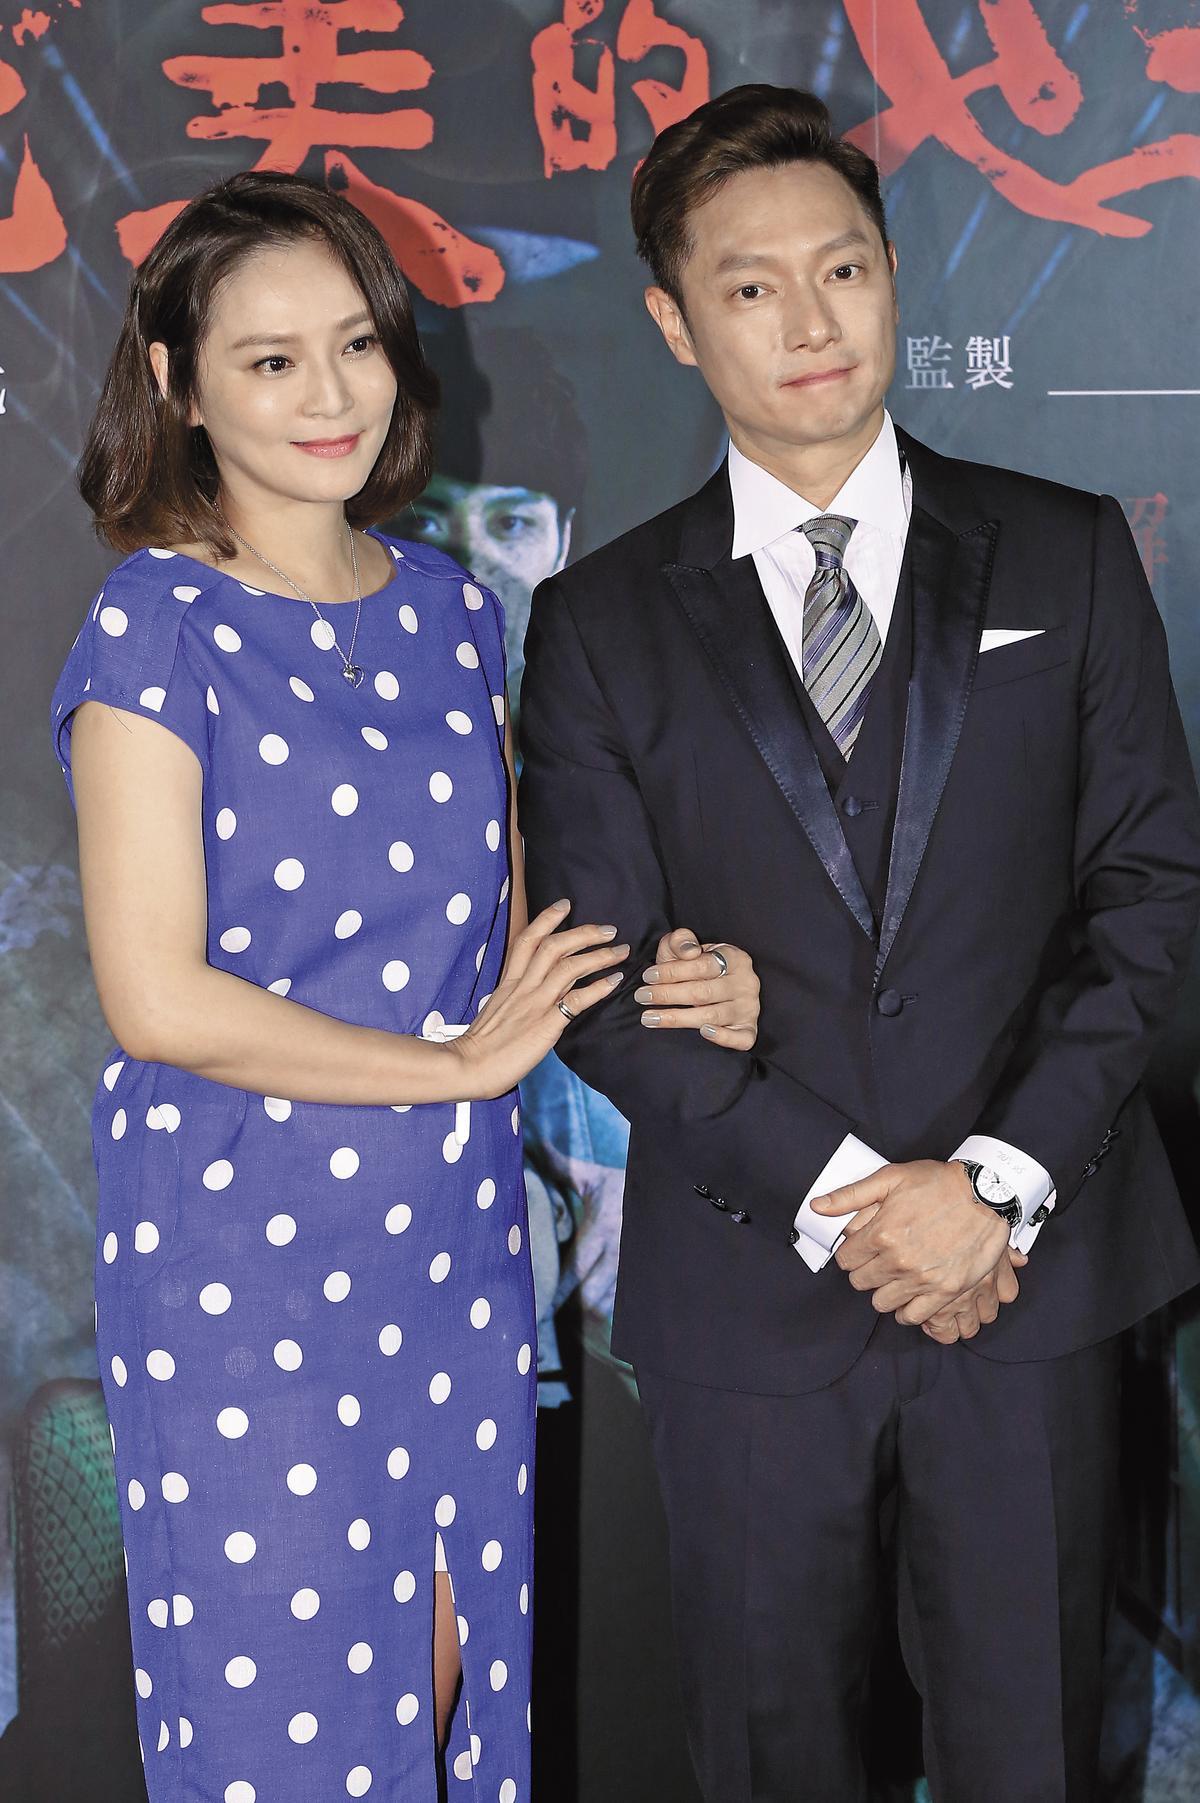 最近謝祖武(右)的演藝重心從中國移回台灣,演了不少戲跟主持節目。左為梁家榕。